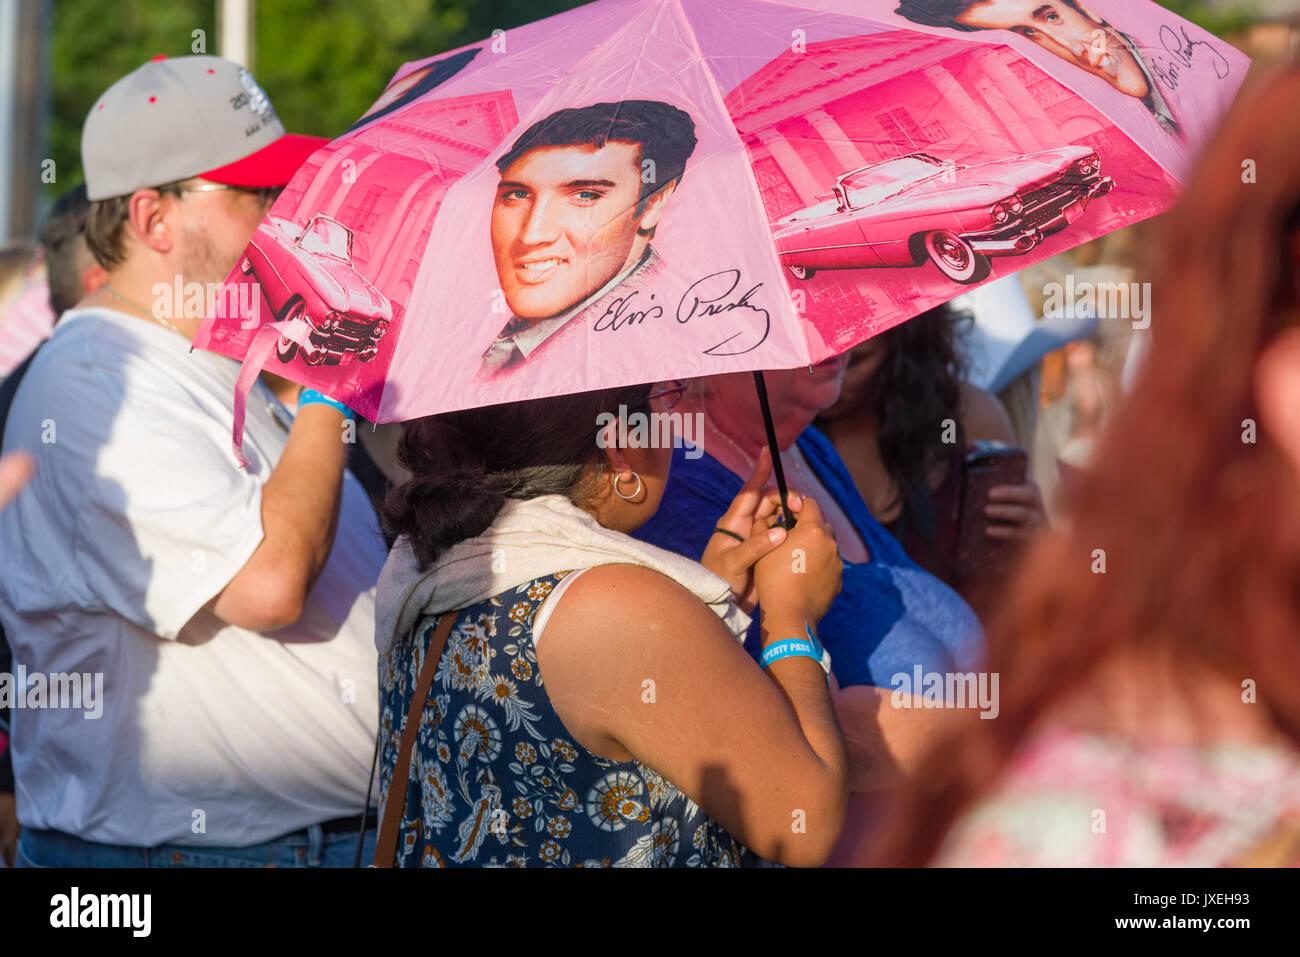 Memphis, Tennessee, USA, 15 août 2017. Elvis 7. Veillée aux chandelles. Les gens rendent hommage à Elvis Presley à son domicile de Memphis, Graceland. La veillée aux chandelles est dans son 40e année. Elvis est mort le 16 août 1977. Crédit: Gary Culley/Alamy Live News Photo Stock